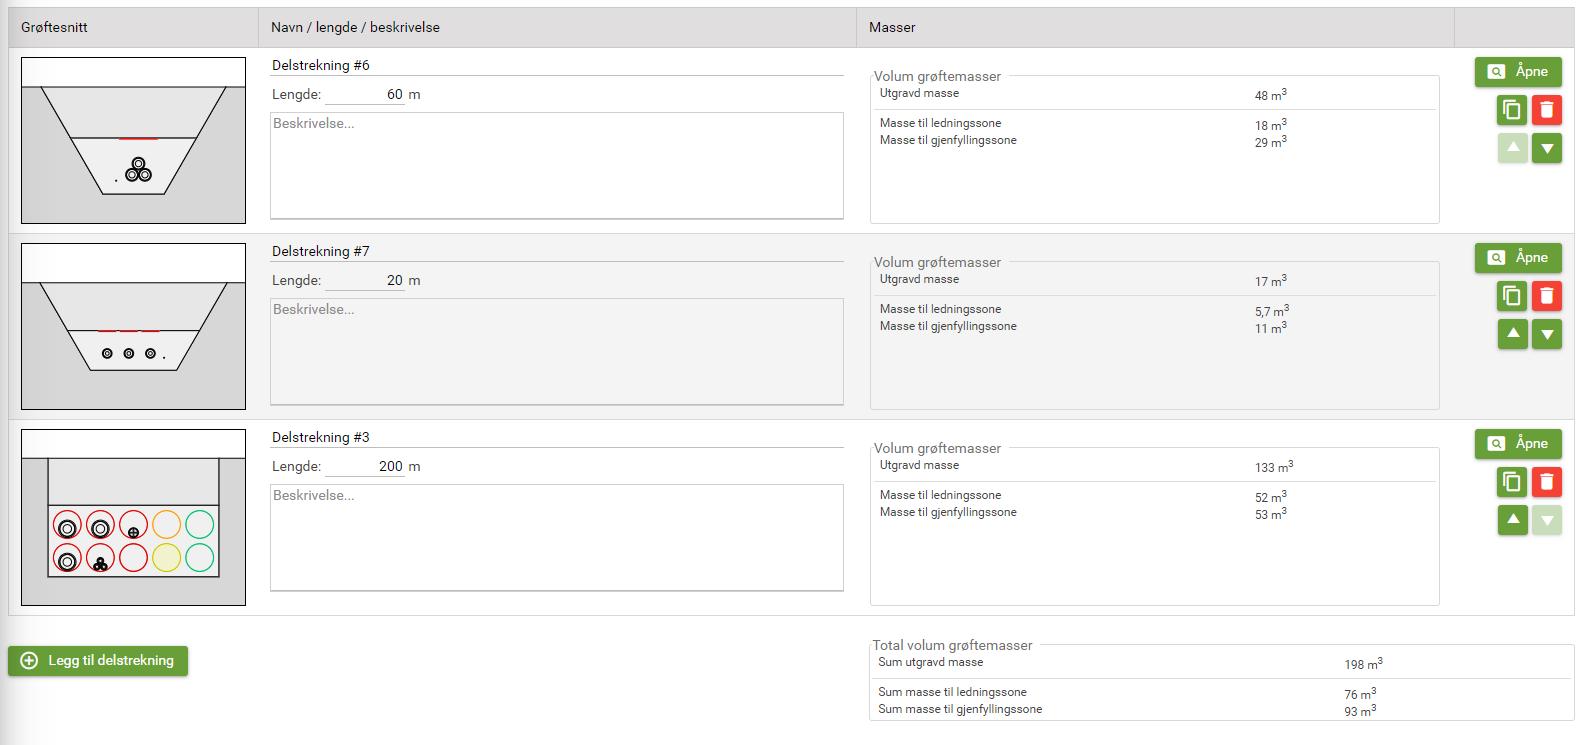 Bilde viser hvordan det ser ut i prosjektsystemet når man har et prosjekt med tre grøftesnitt